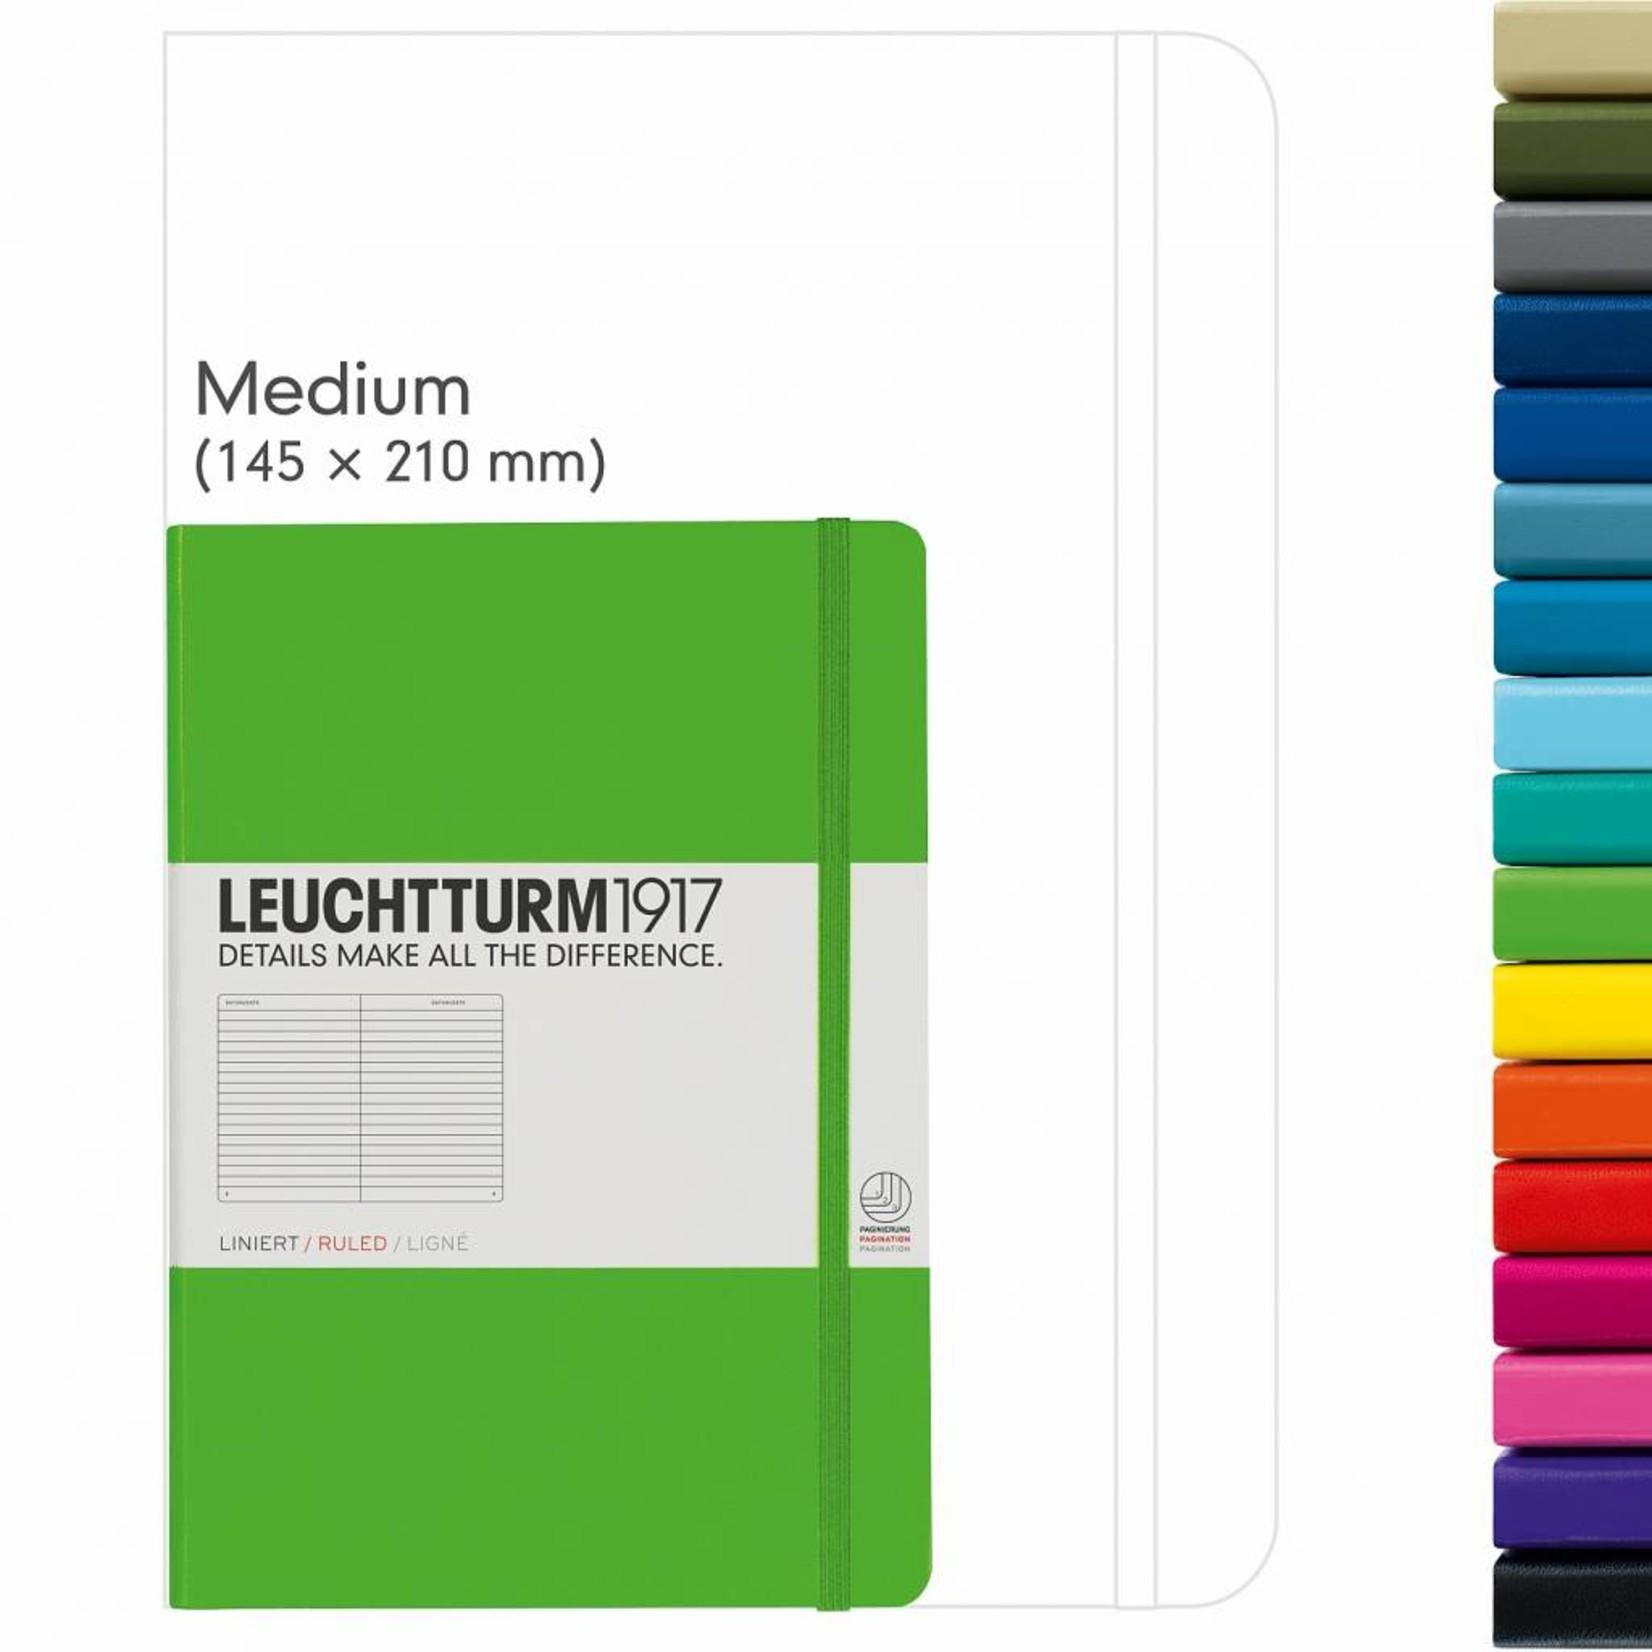 Leuchtturm1917 Leuchtturm1917 Notizbuch, Medium, Orange, Kariert